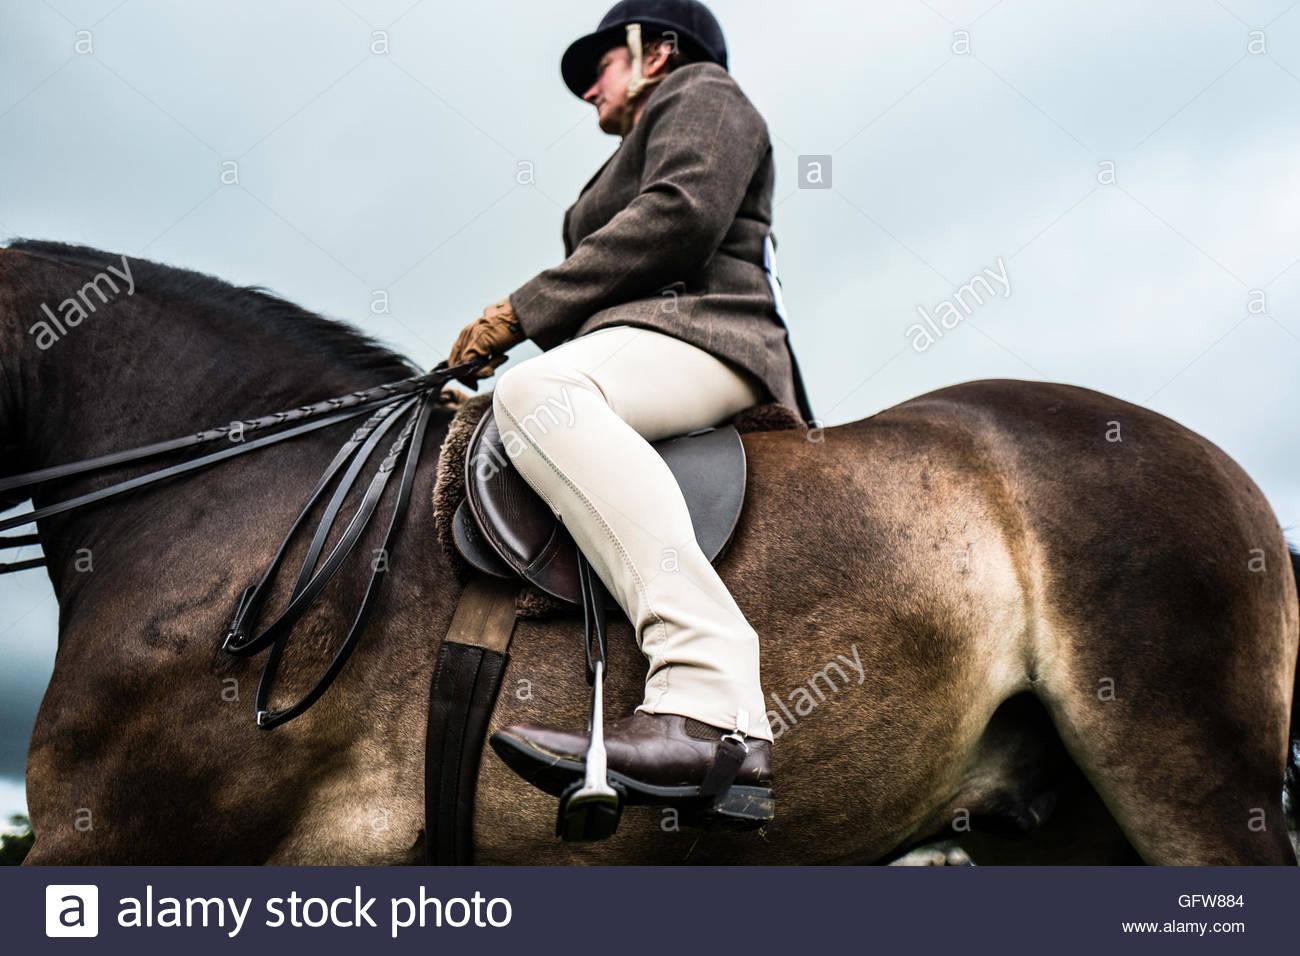 Horse rider en tenue habillée & courtes Bottes équitation une baie. Photo Stock